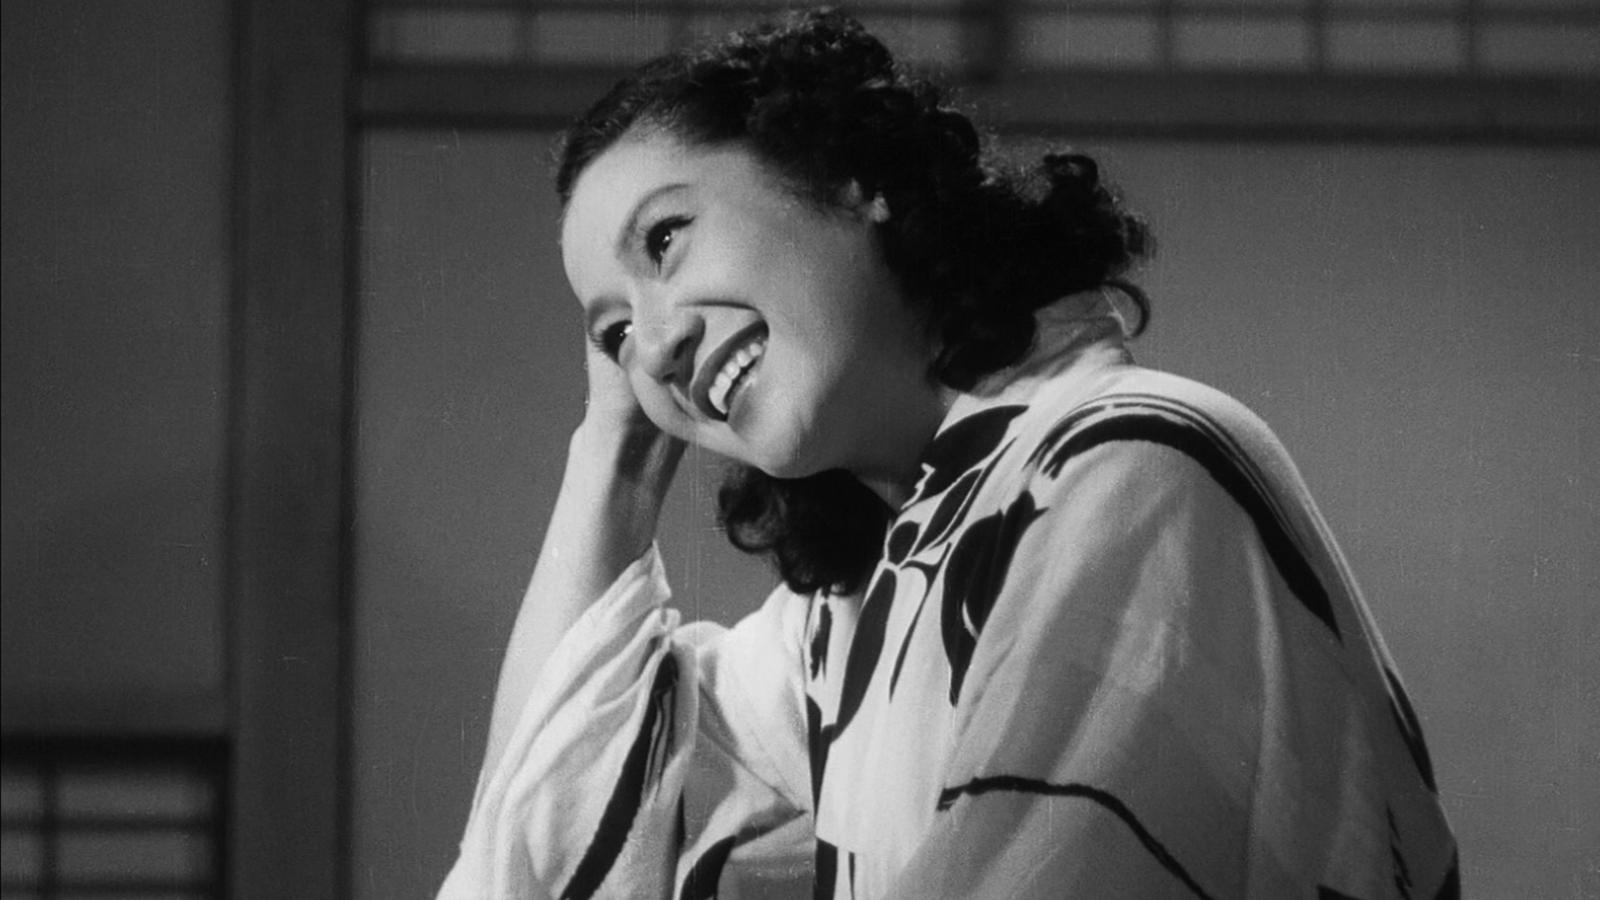 在小津的电影里,她永远不会老/在小津的电影里,她永远不会老